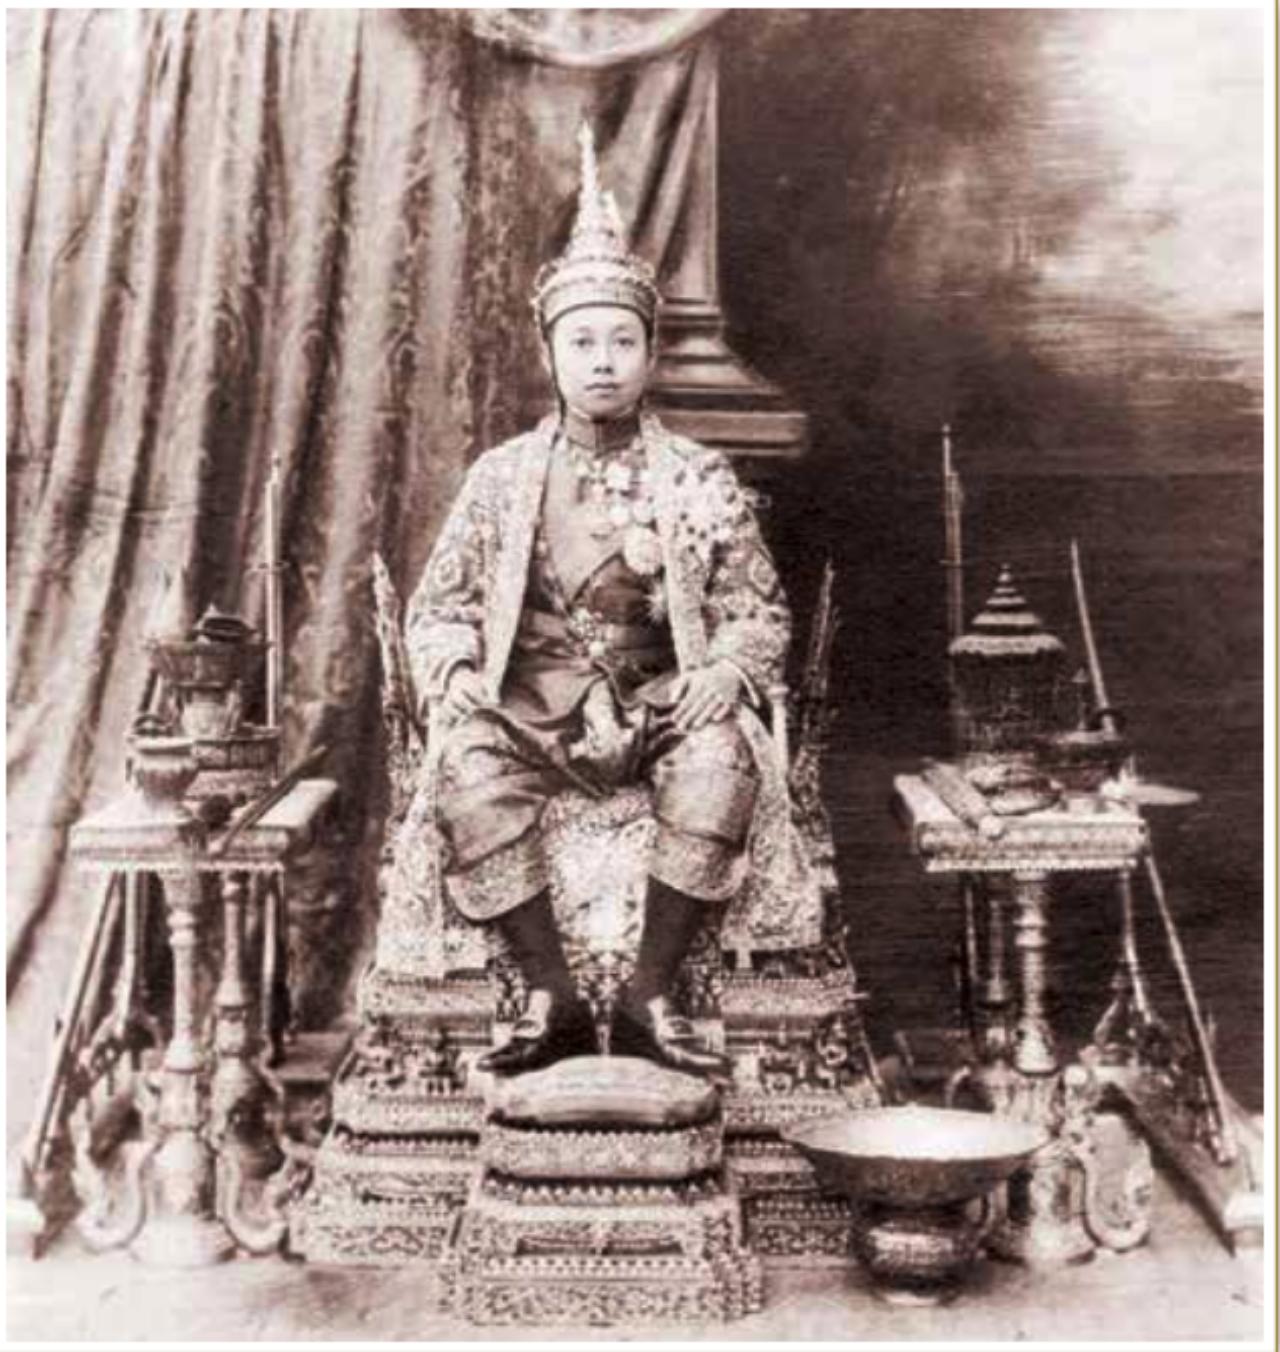 รัชกาลที่ 6พระบาทสมเด็จพระมงกุฎเกล้าเจ้าอยู่หัว ทรงประกอบพระราชพิธีบรมราชาภิเษก ครั้งแรกวันที่ 11 พ.ย. 2453 และทรงประกอบพระราชพิธีบรมราชาภิเษกสมโภช วันที่ 2 ธ.ค. 2454